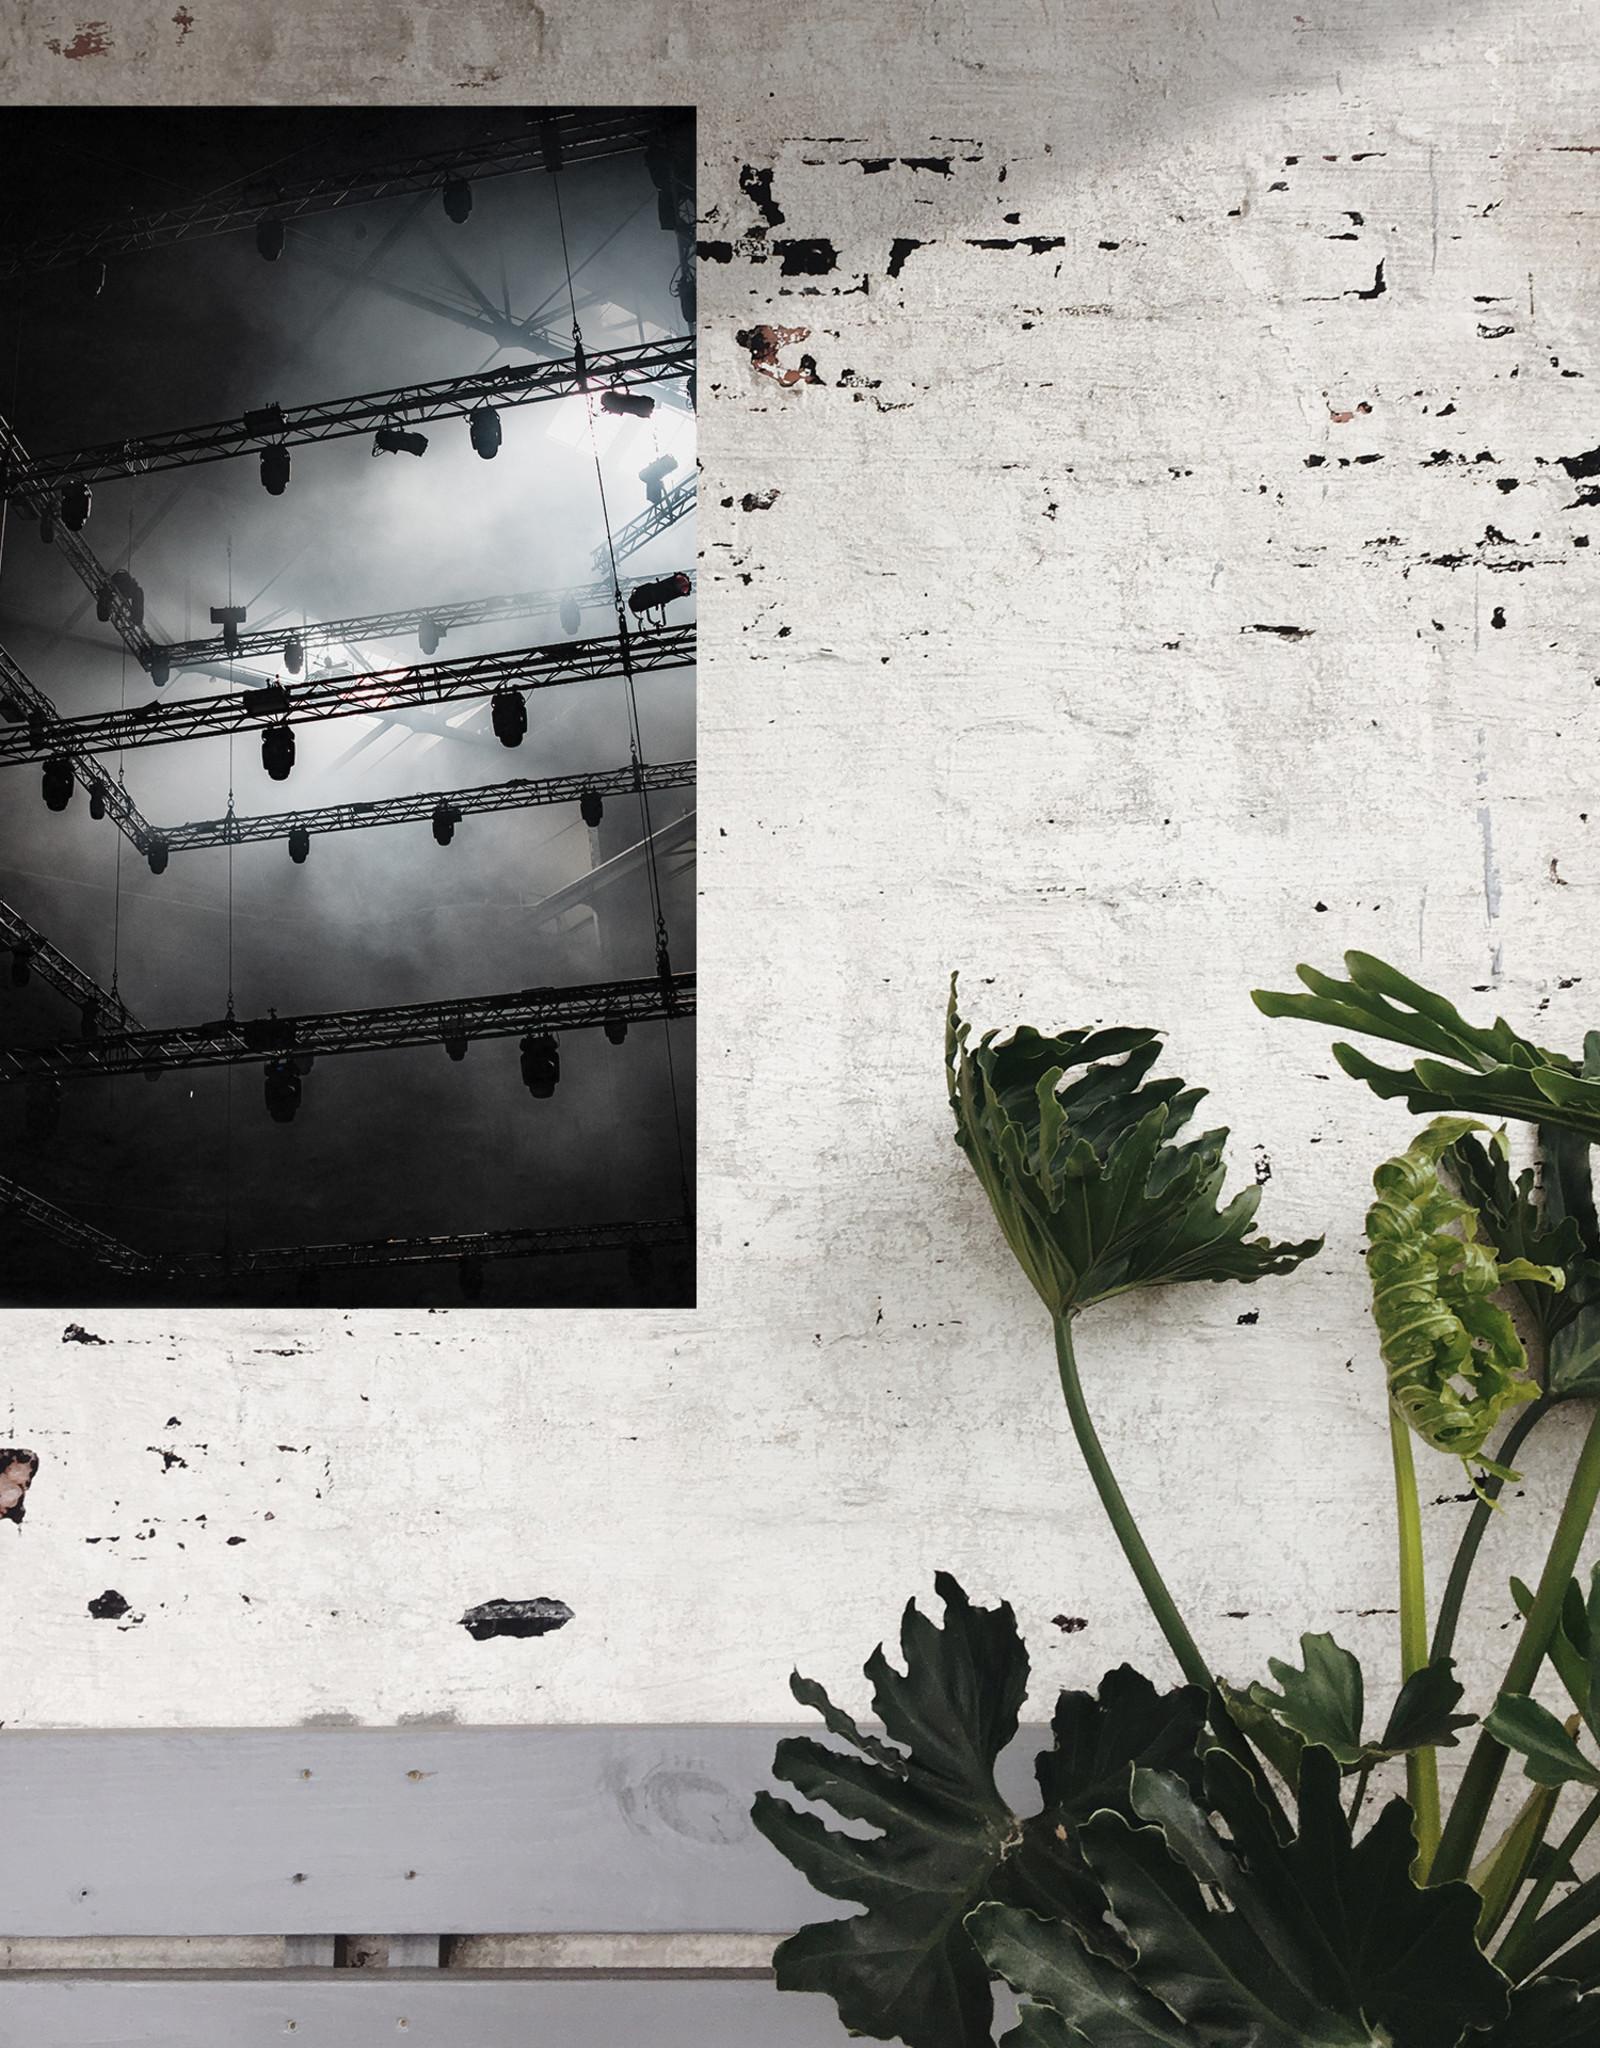 Rotterdam Rave Rotterdam Rave Wall Art 2